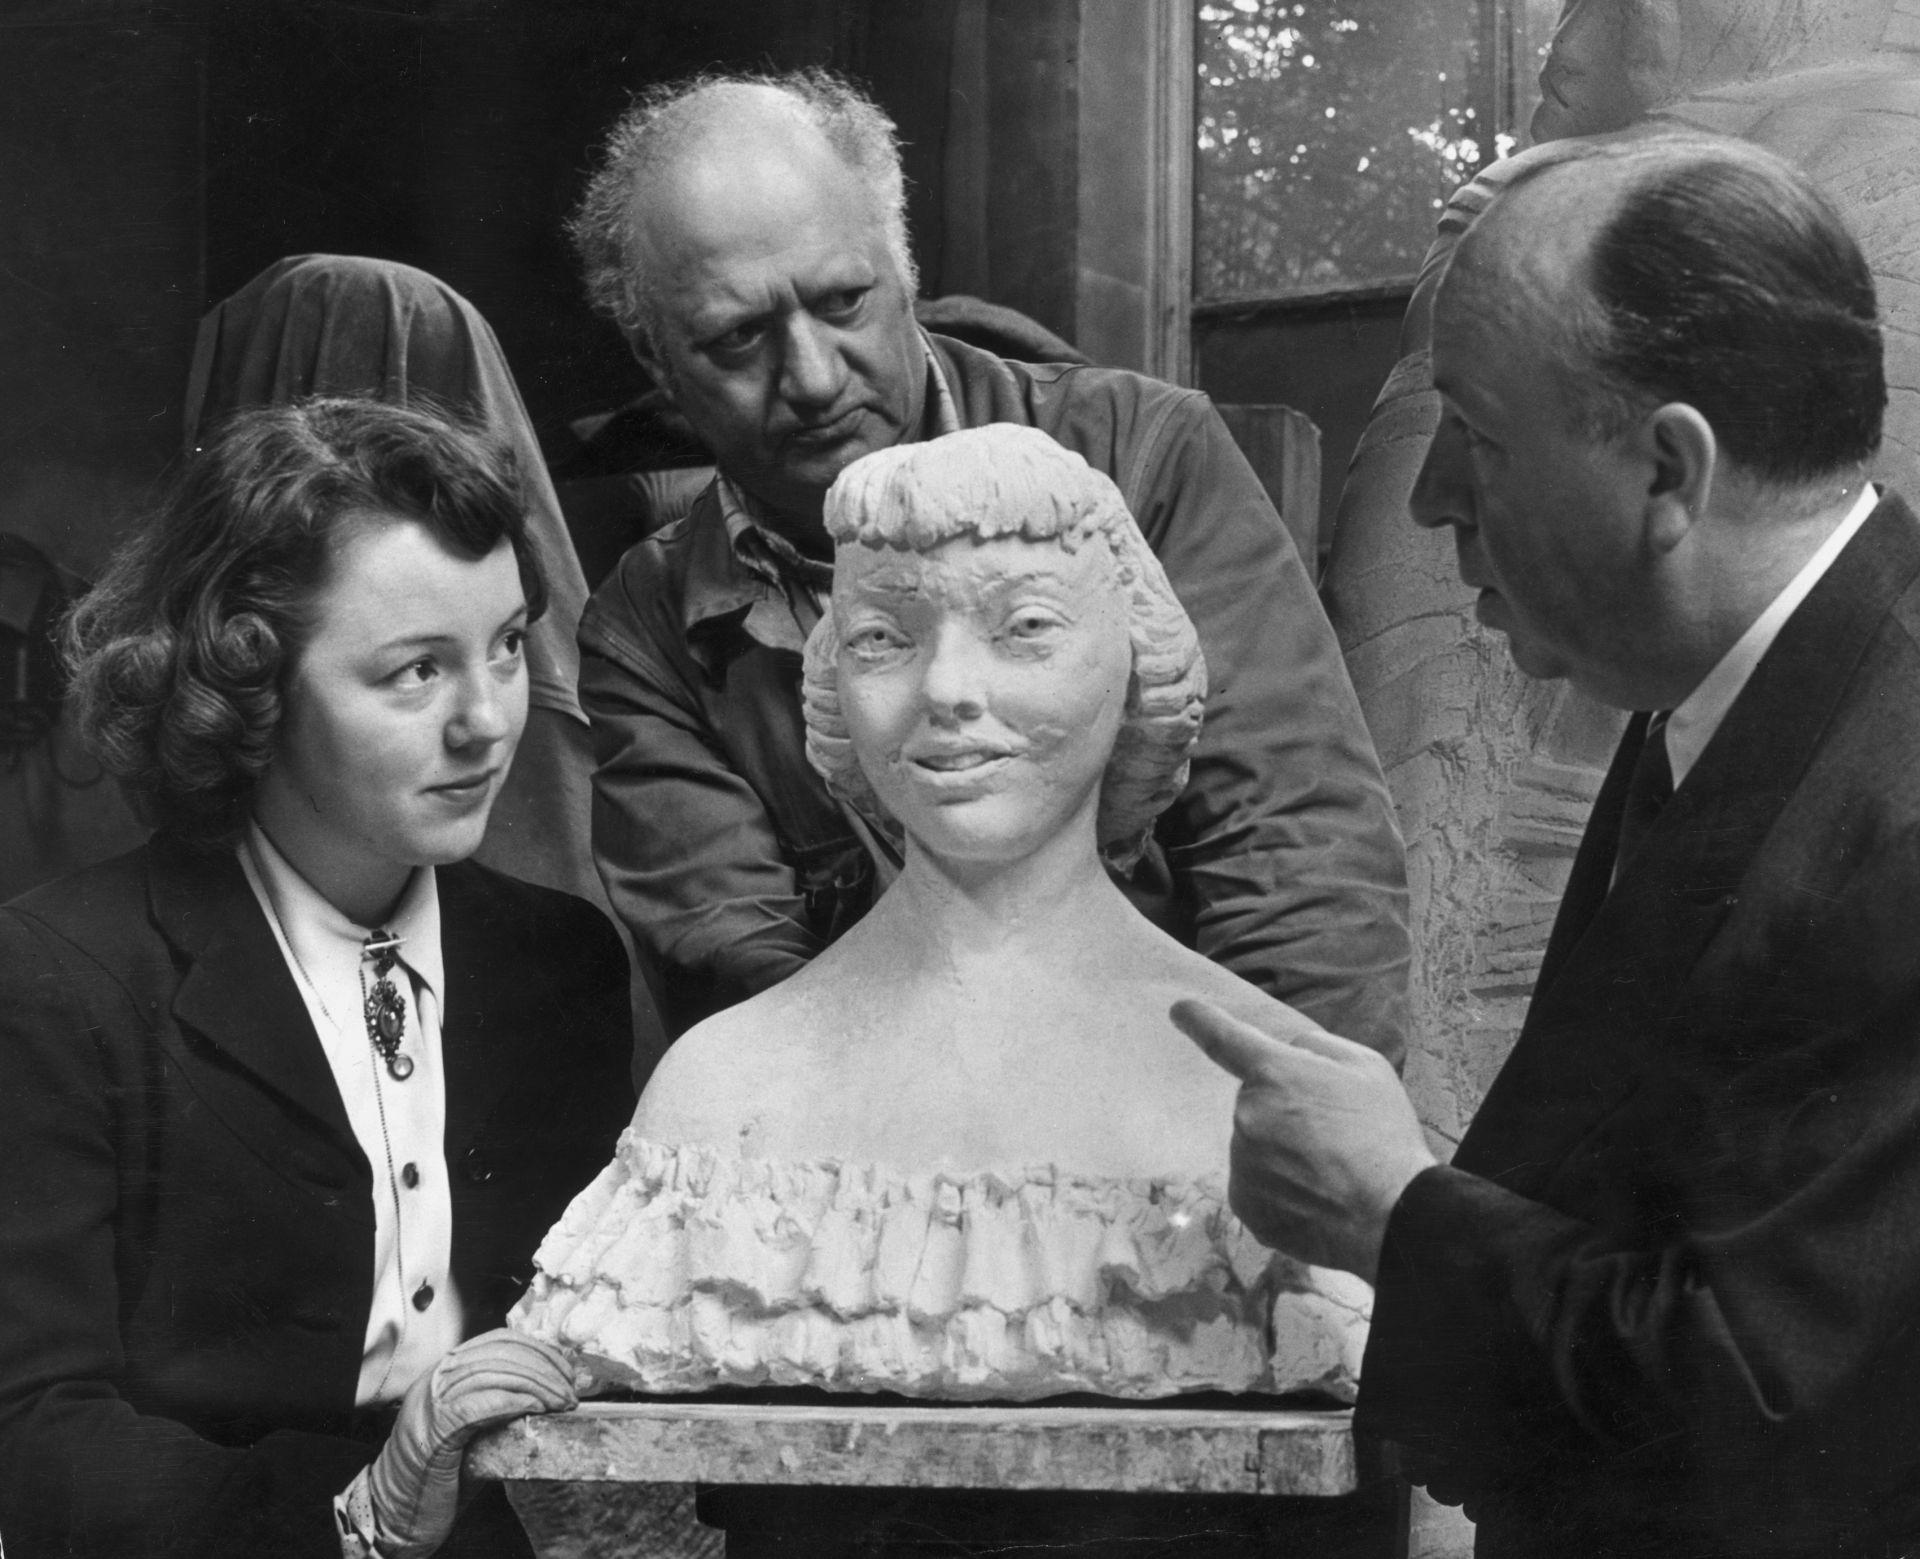 Британският скулптор Джейкъб Епщайн (1880 - 1959) току -що завърши своя модел на Патриша Хичкок, дъщеря на британския кинорежисьор Алфред Хичкок